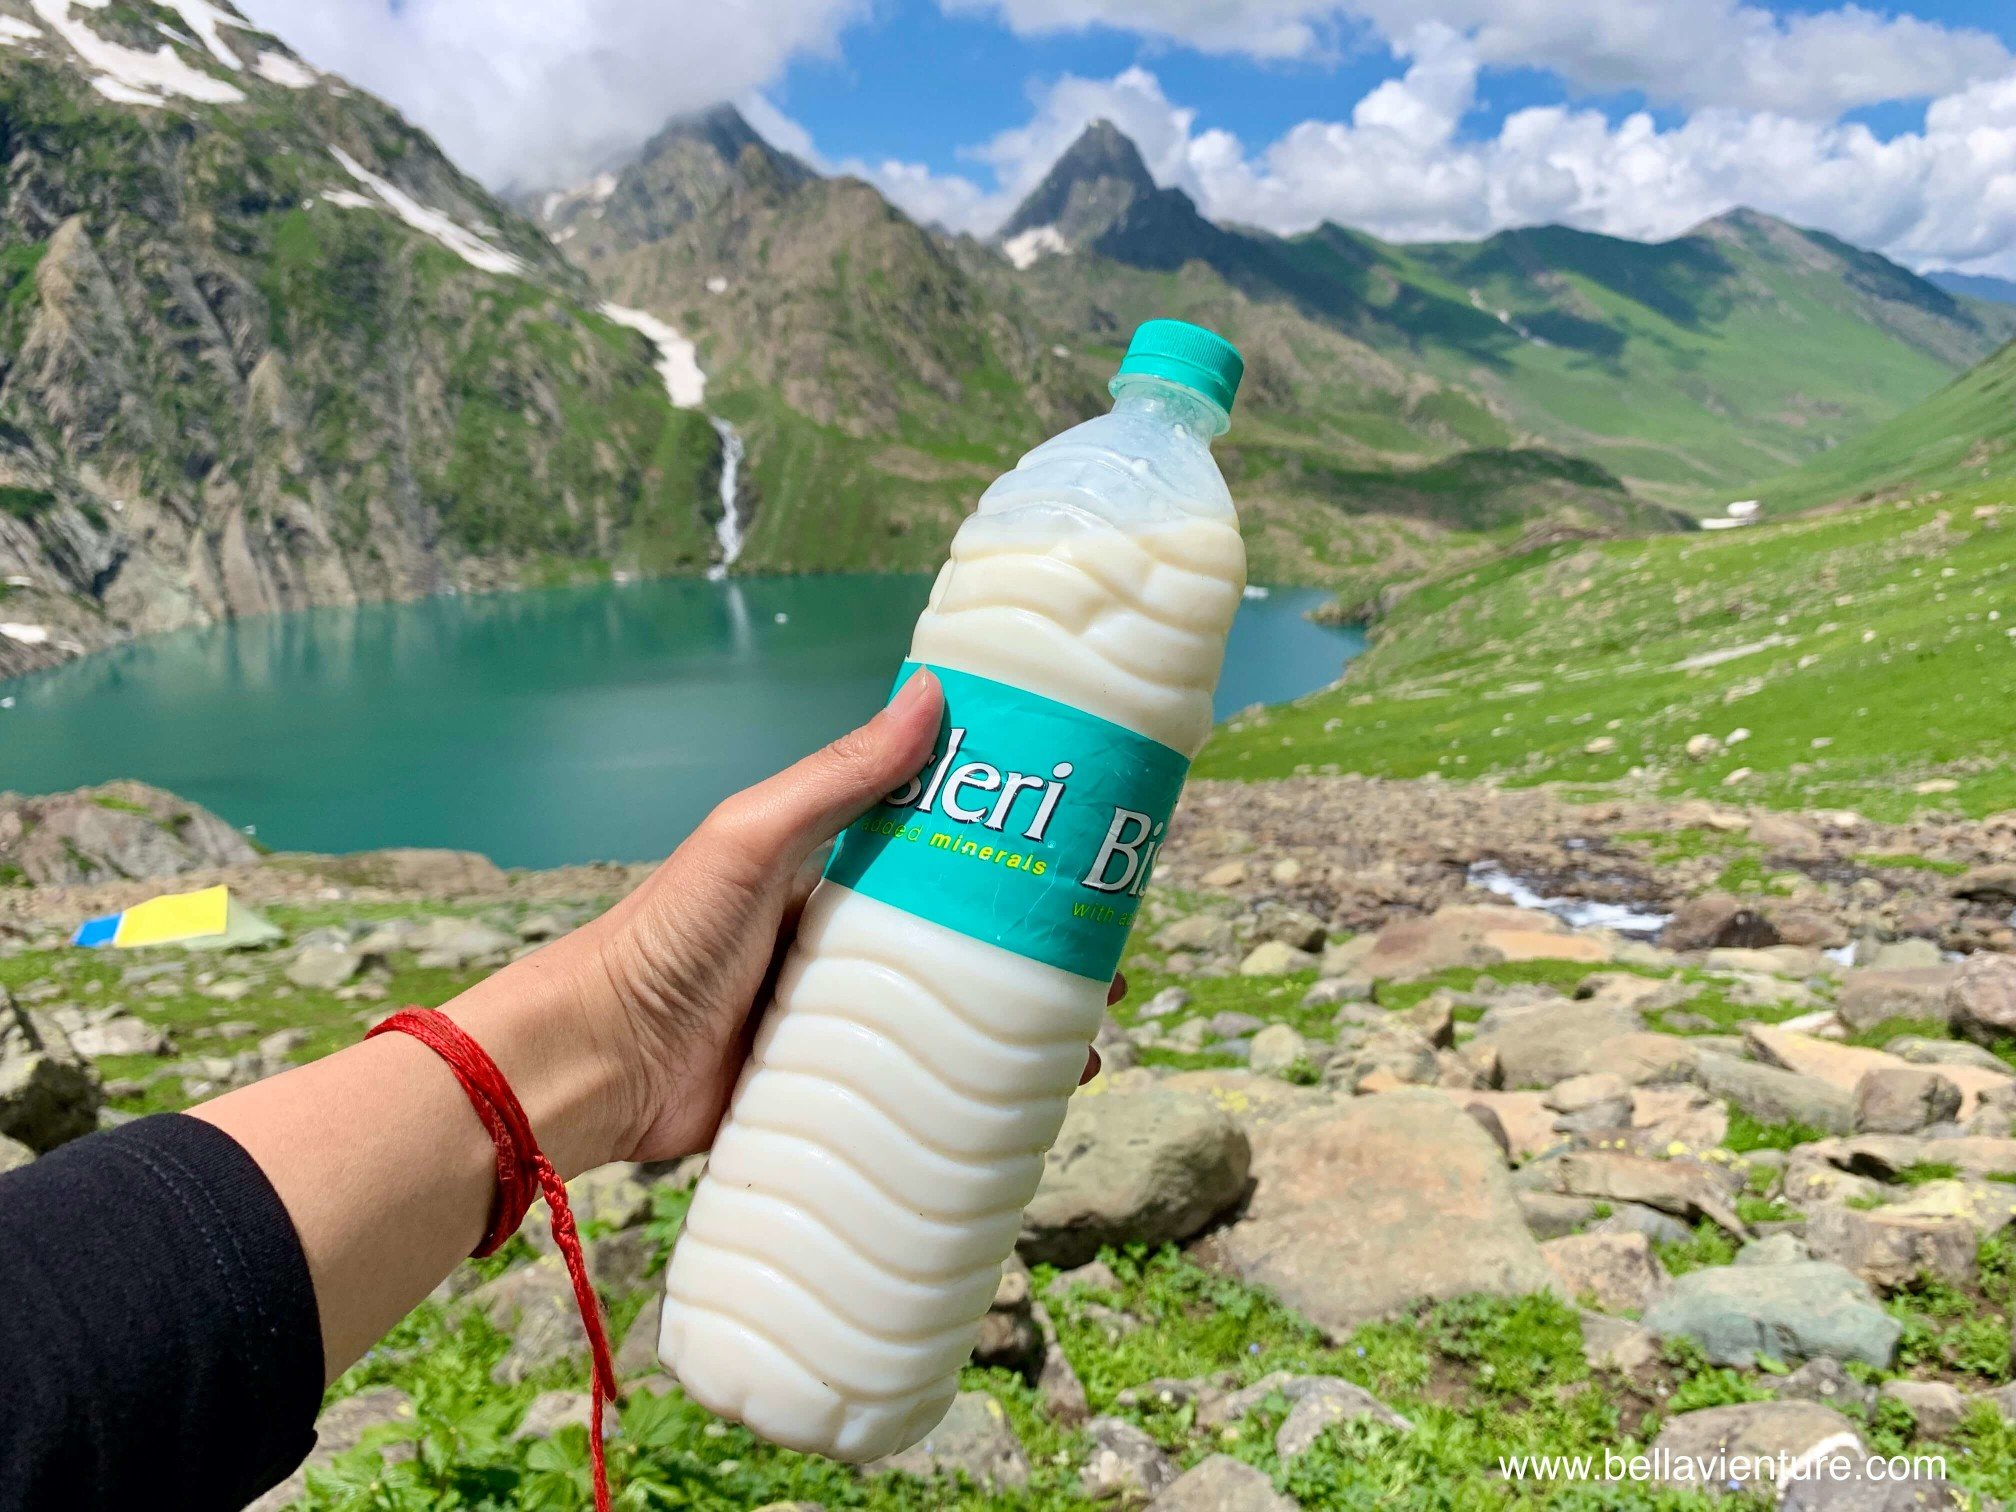 印度India 北北印 North India 喀什米爾 Kashmir 大湖健行 trekking 天然酸奶